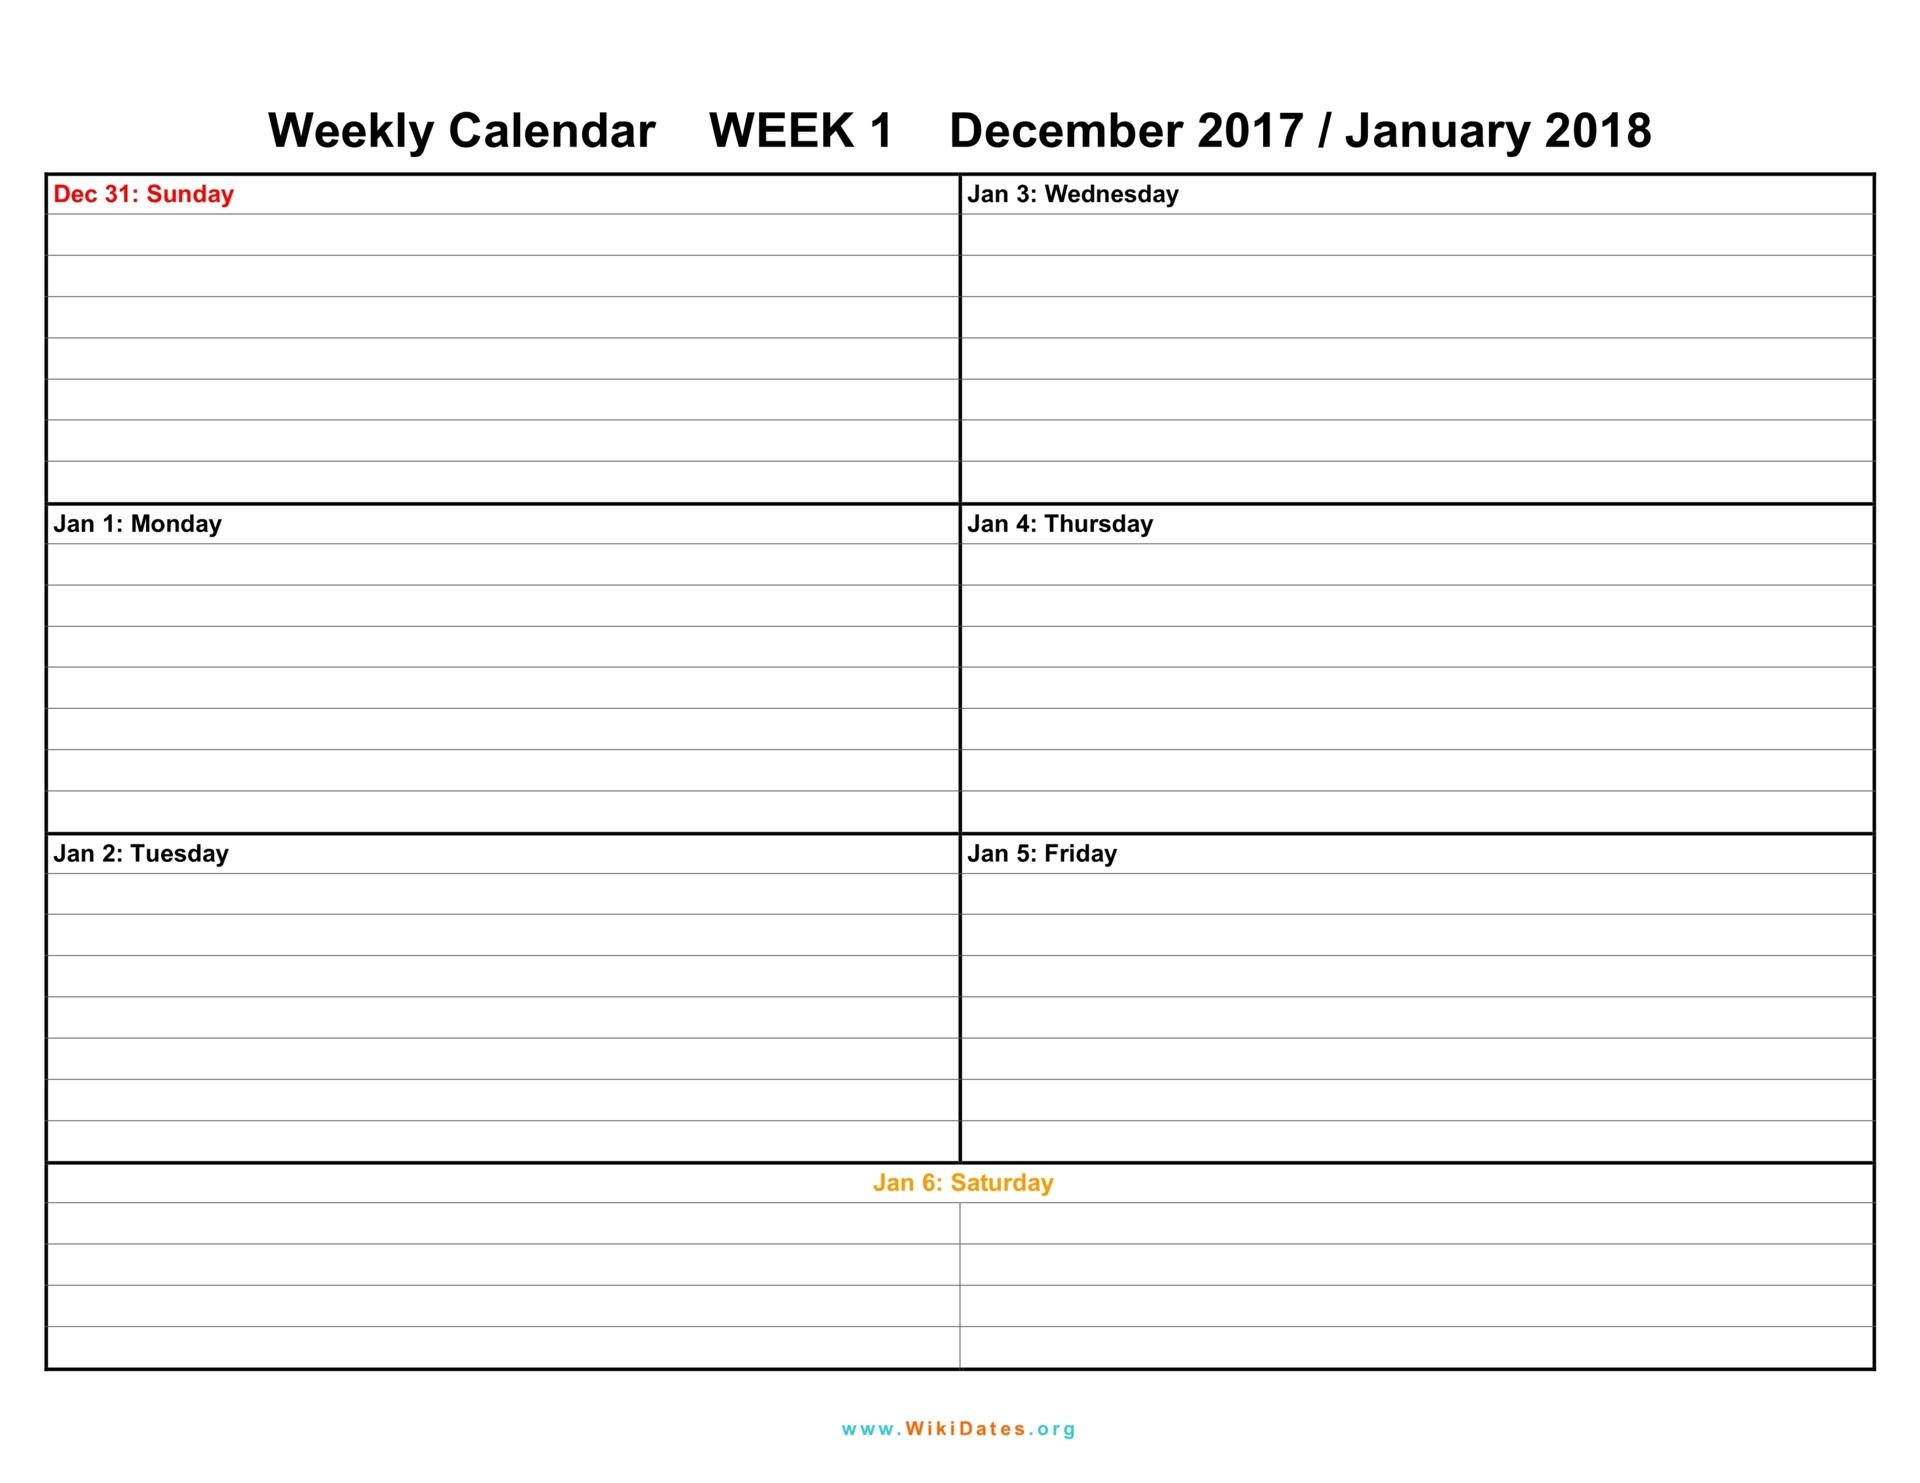 Weekly Calendar - Download weekly calendar 2017 and 2018 ...